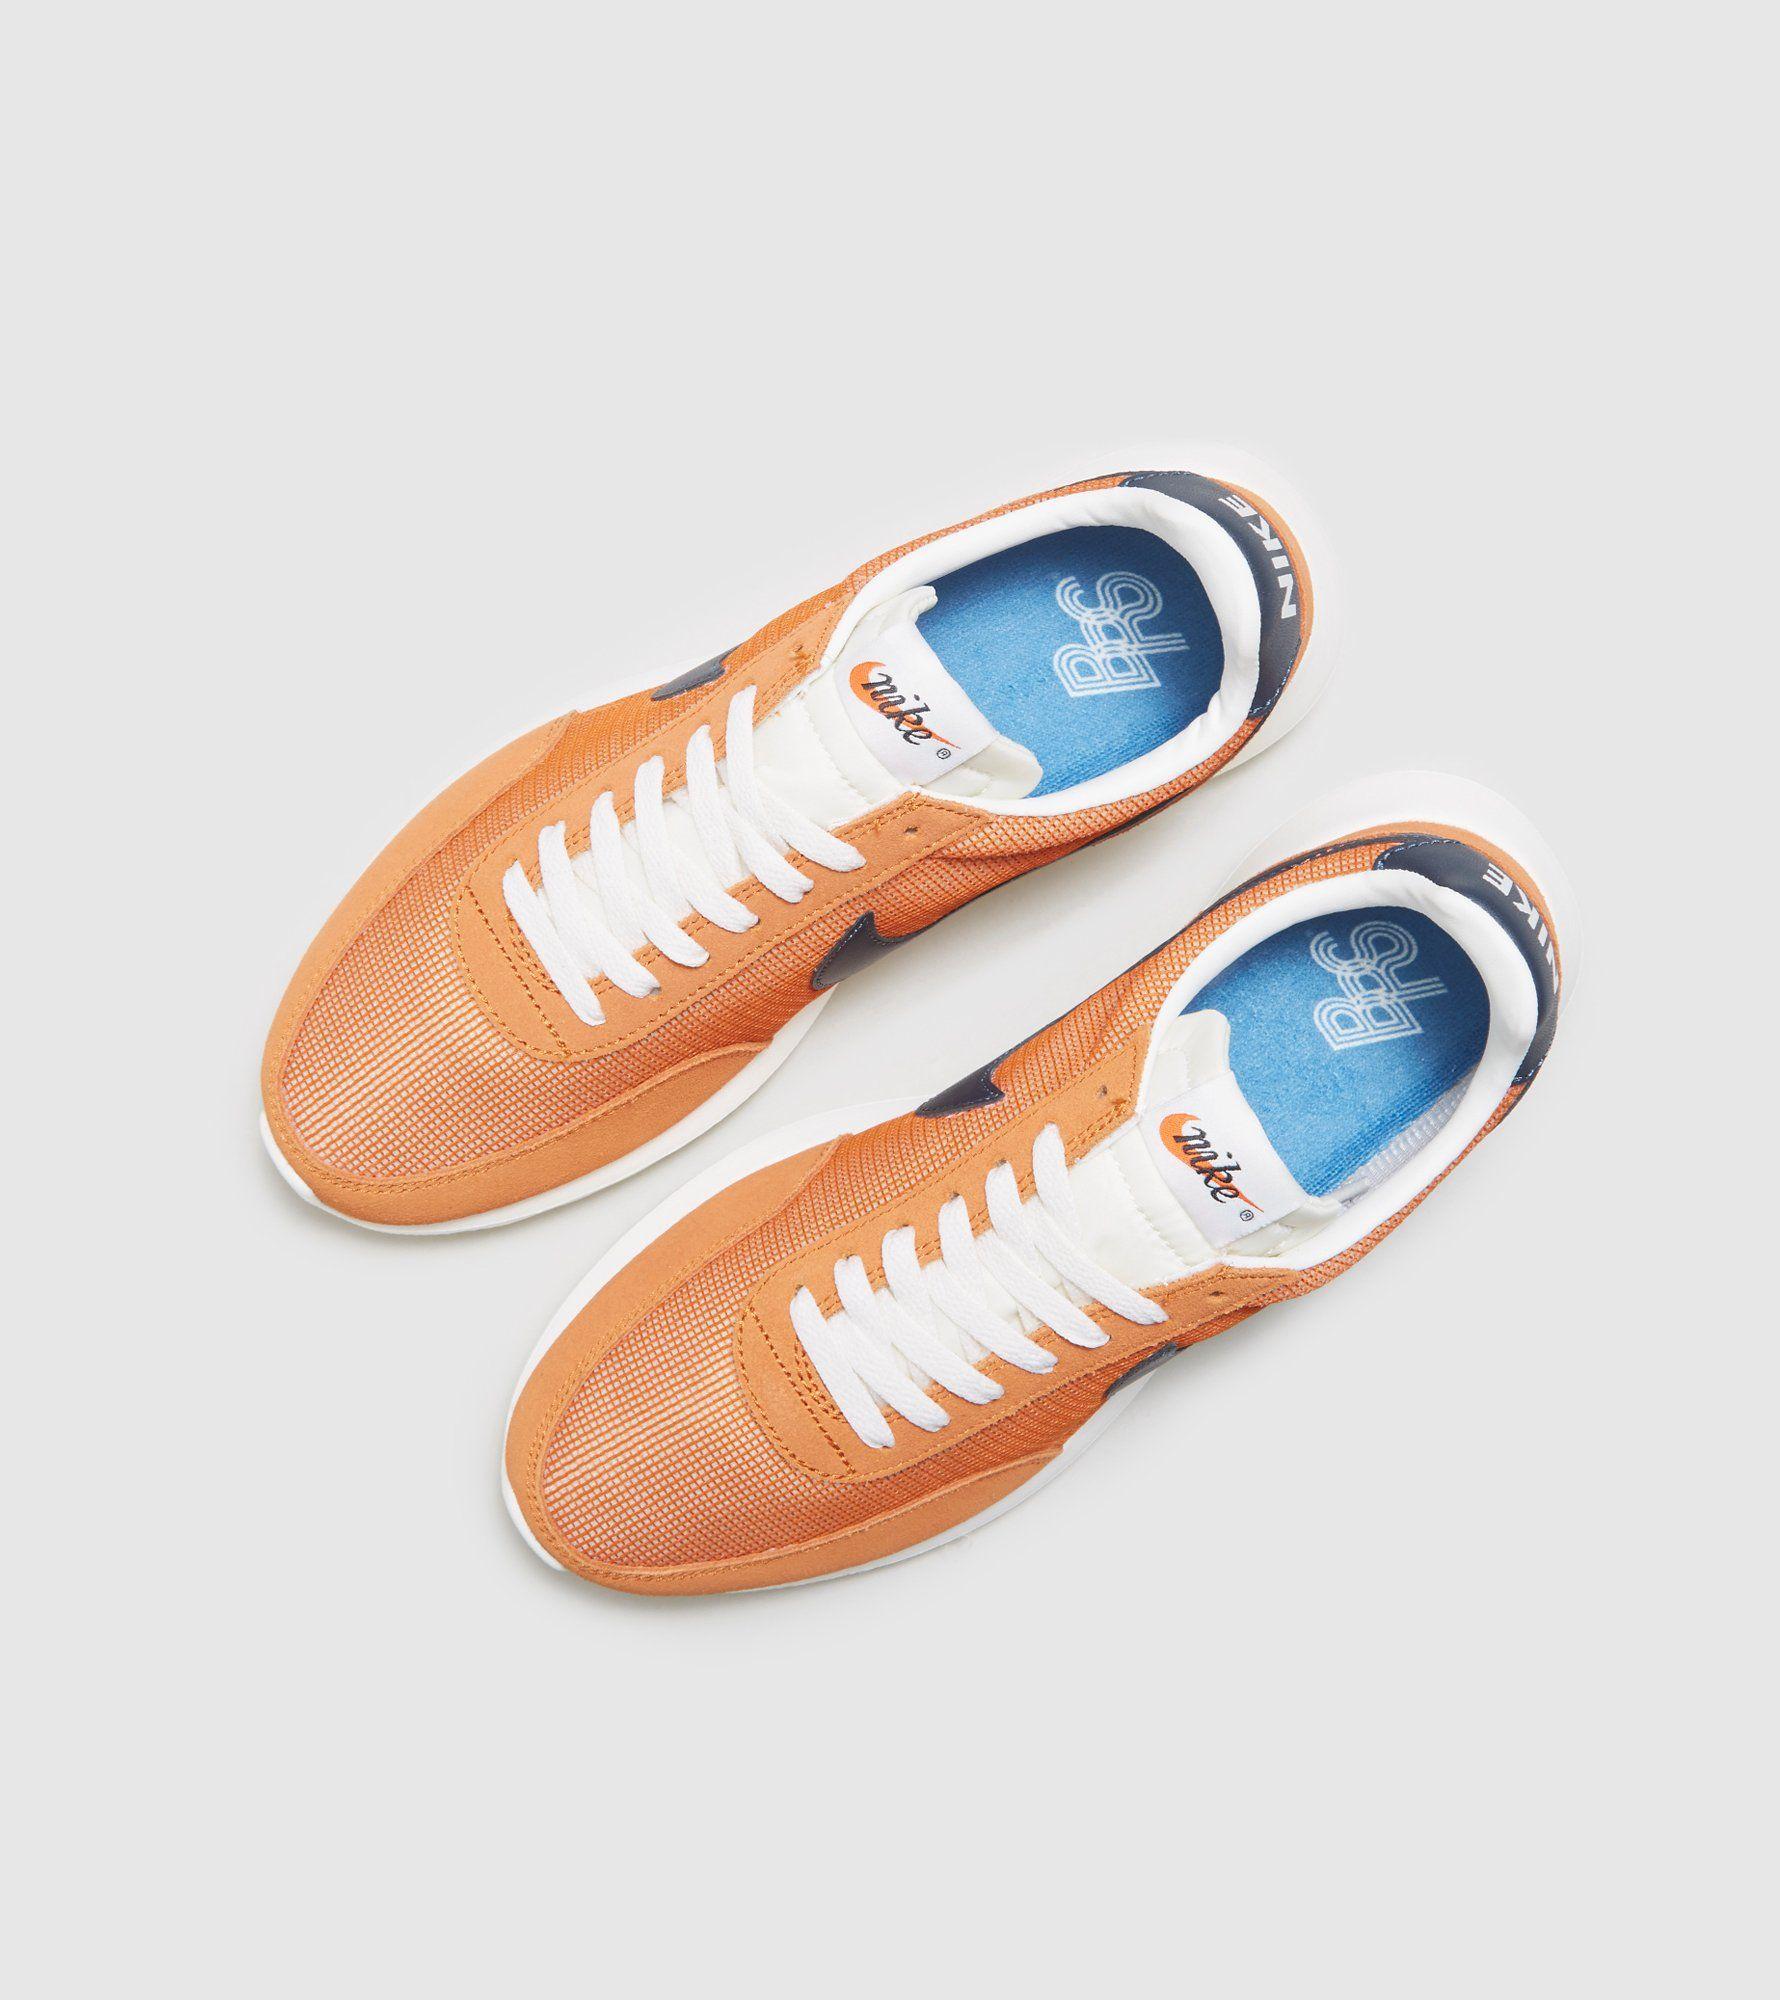 uuphw Nike Roshe Daybreak | Size?